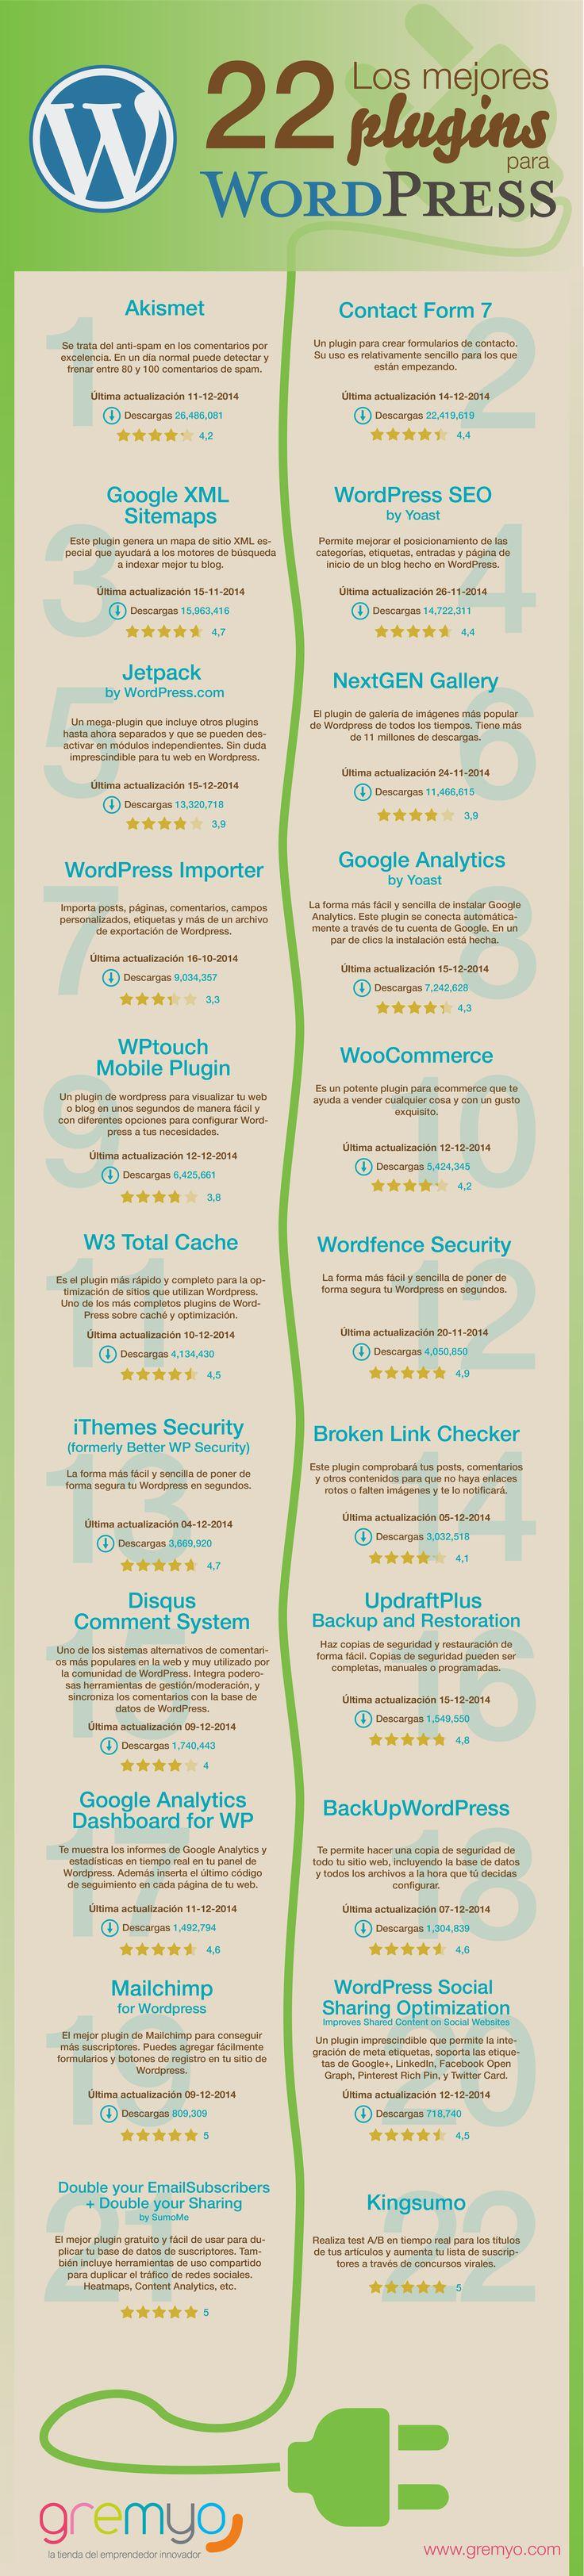 Los Mejores 22 Plugins para Wordpress - [Infografía]